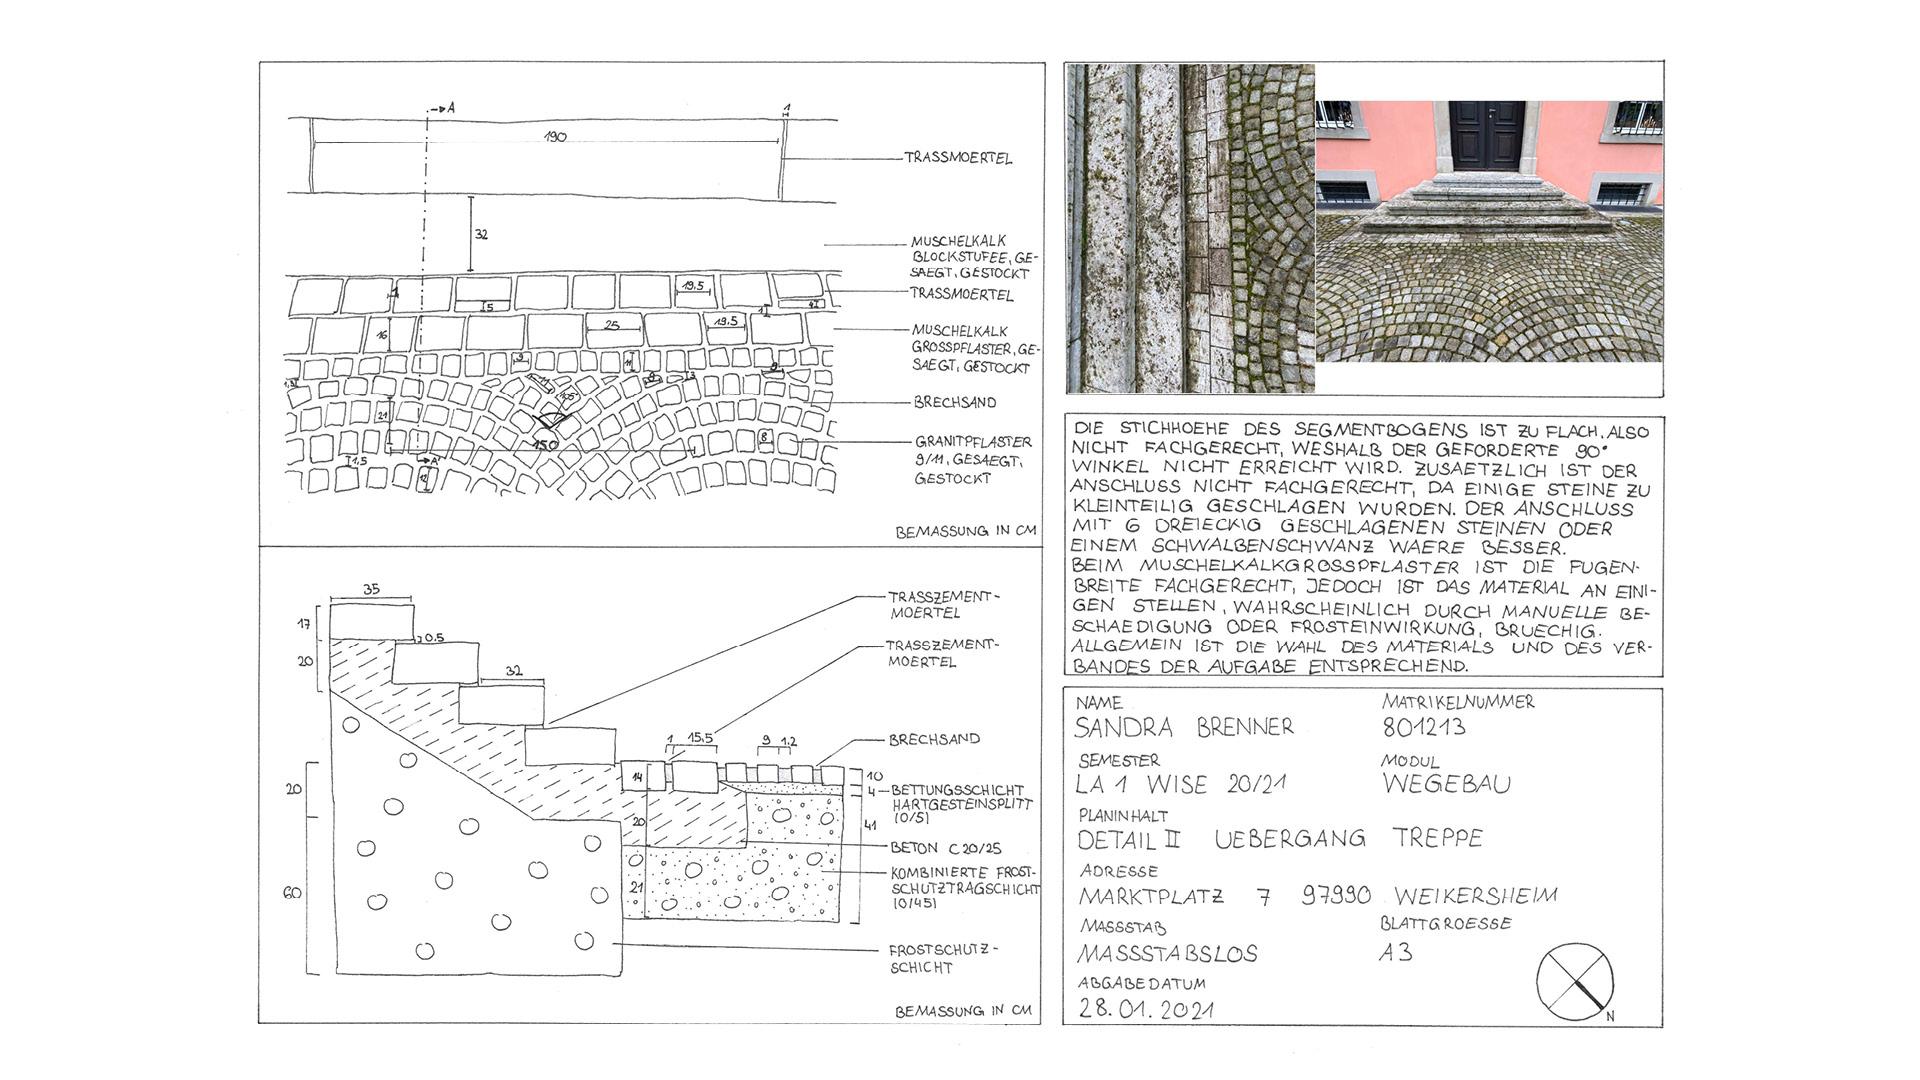 Detailbuch3